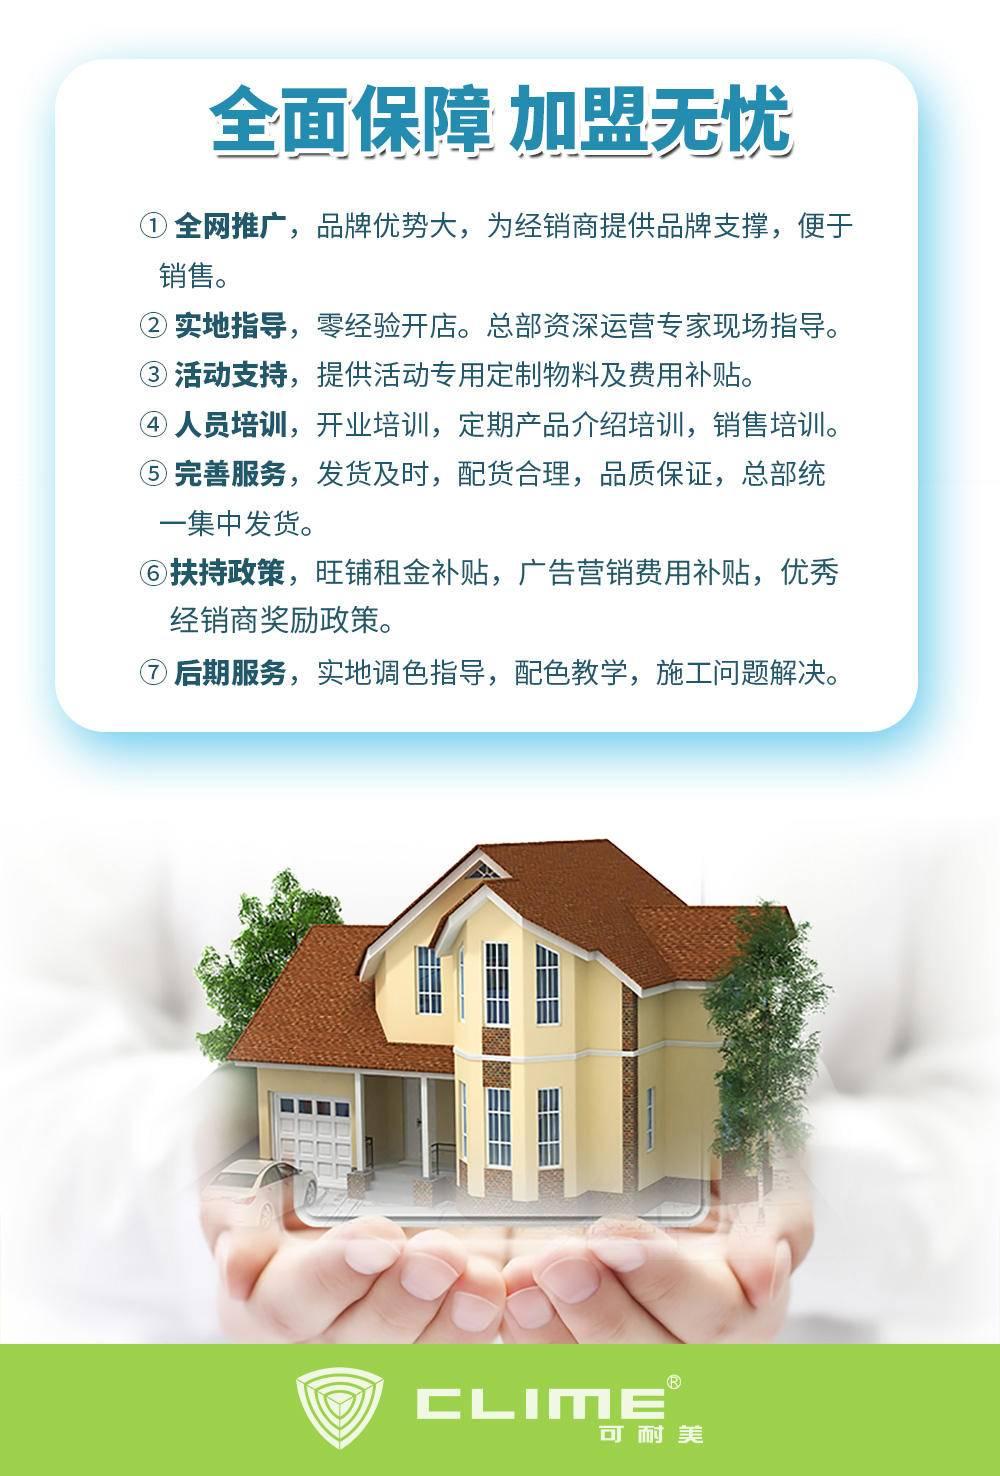 raybet雷竞技appraybet雷竞技官网扶持政策